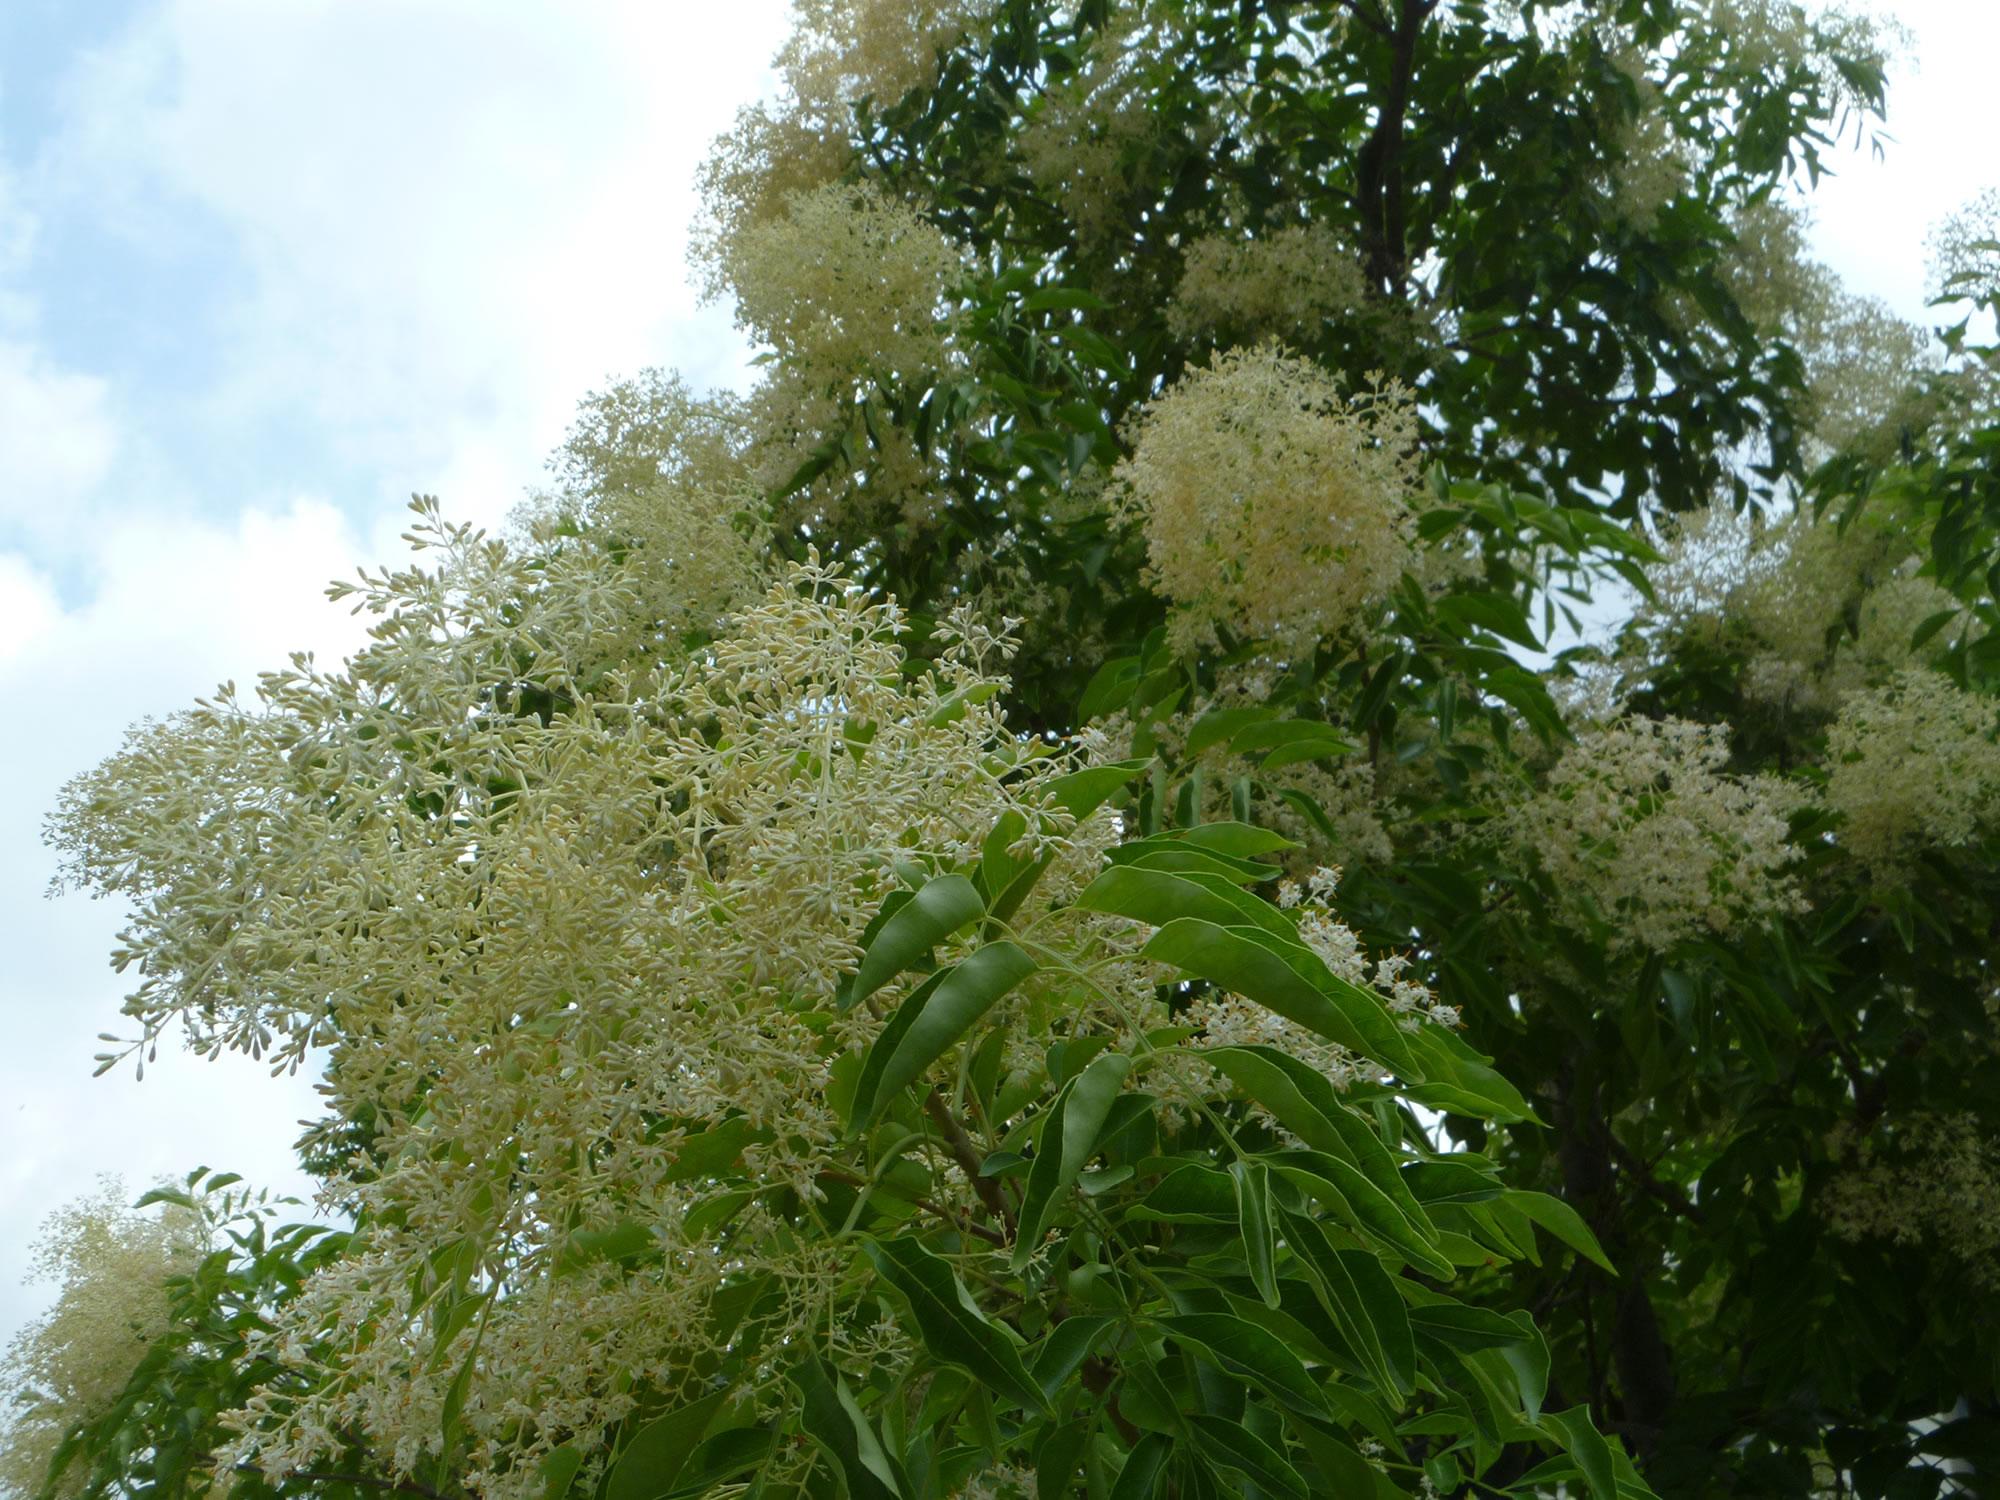 シマトネリコという常緑樹は冬は葉が茶色になります